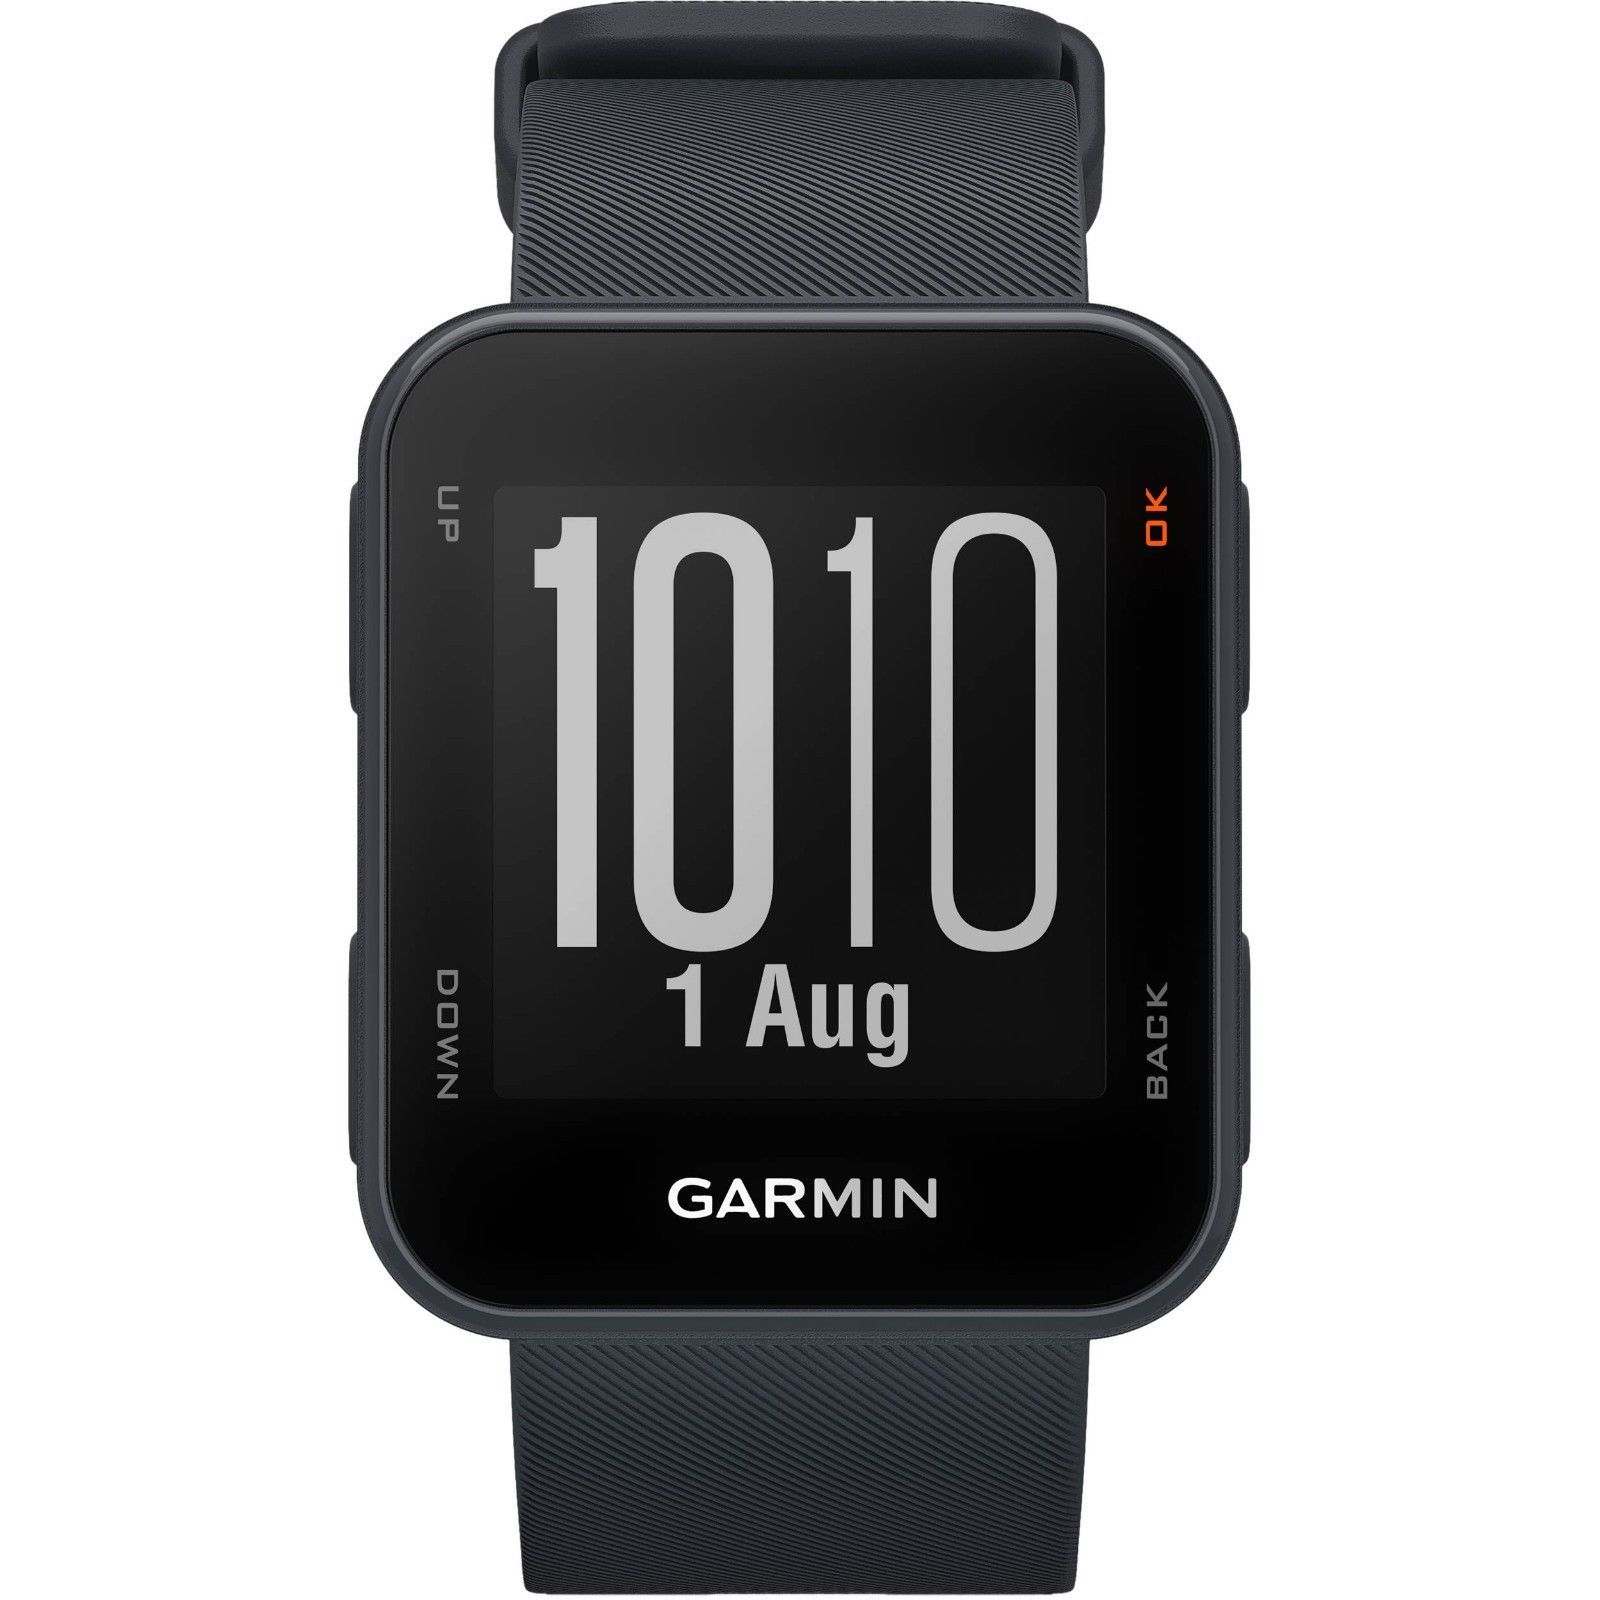 Garmin Approach S10 Lightweight Rechargeable GPS Golf Watch - Granite Blue